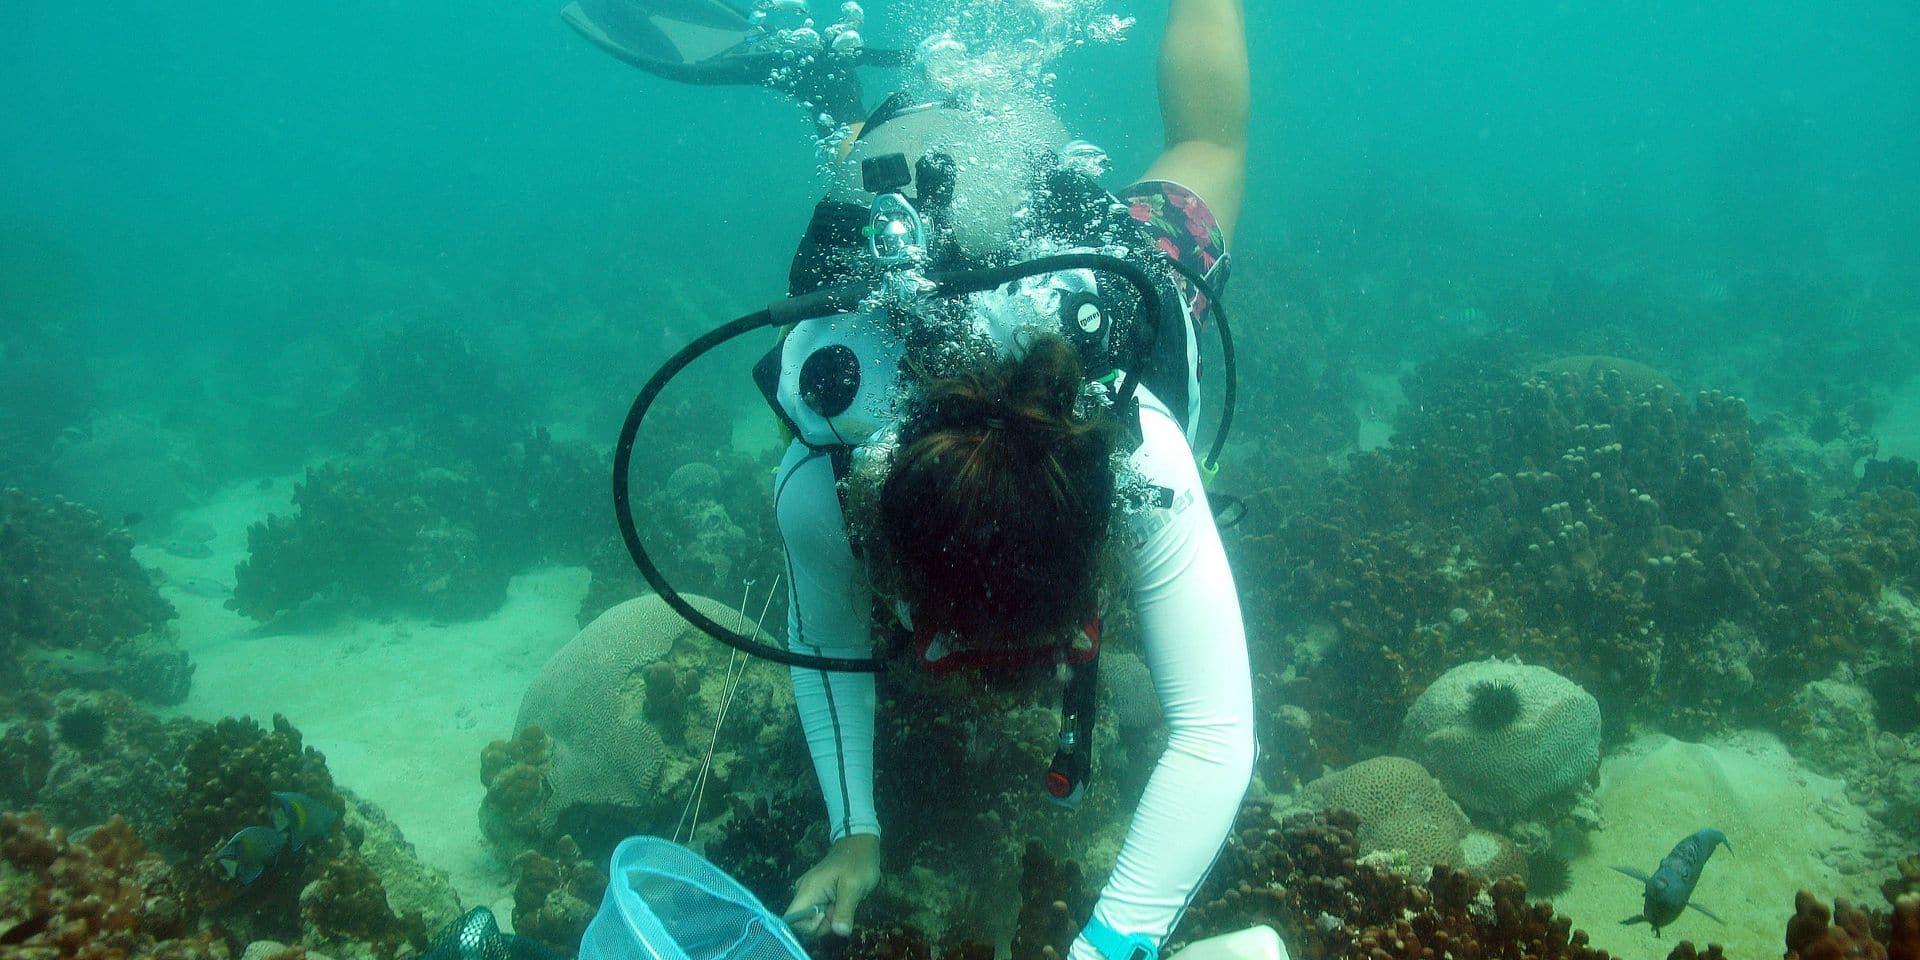 Les superpouvoirs des coraux du golfe Persique